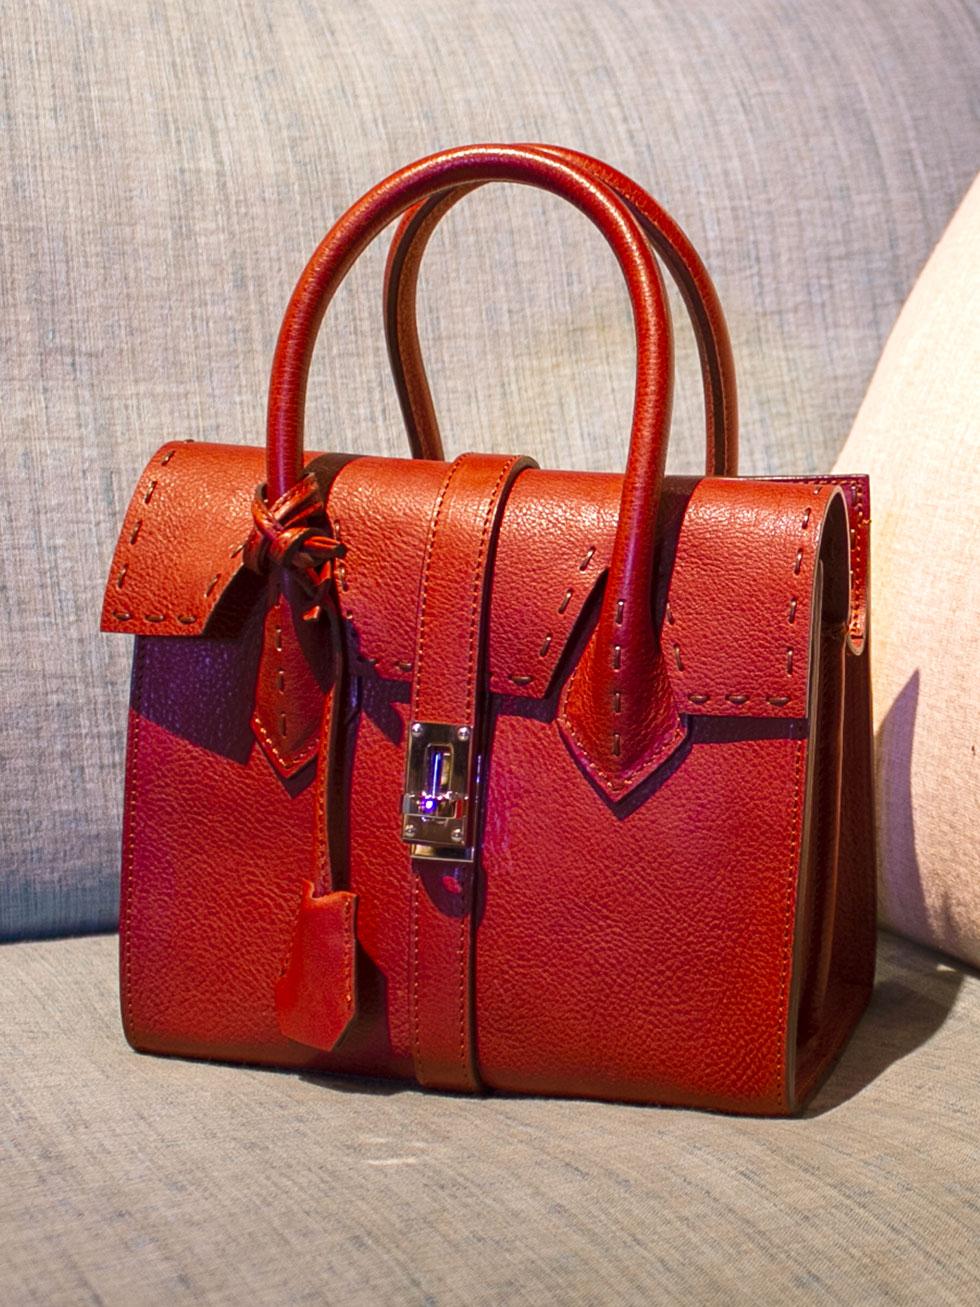 クラシカルで上品なのにカジュアルでもOKの本革バッグ「GIULIA」